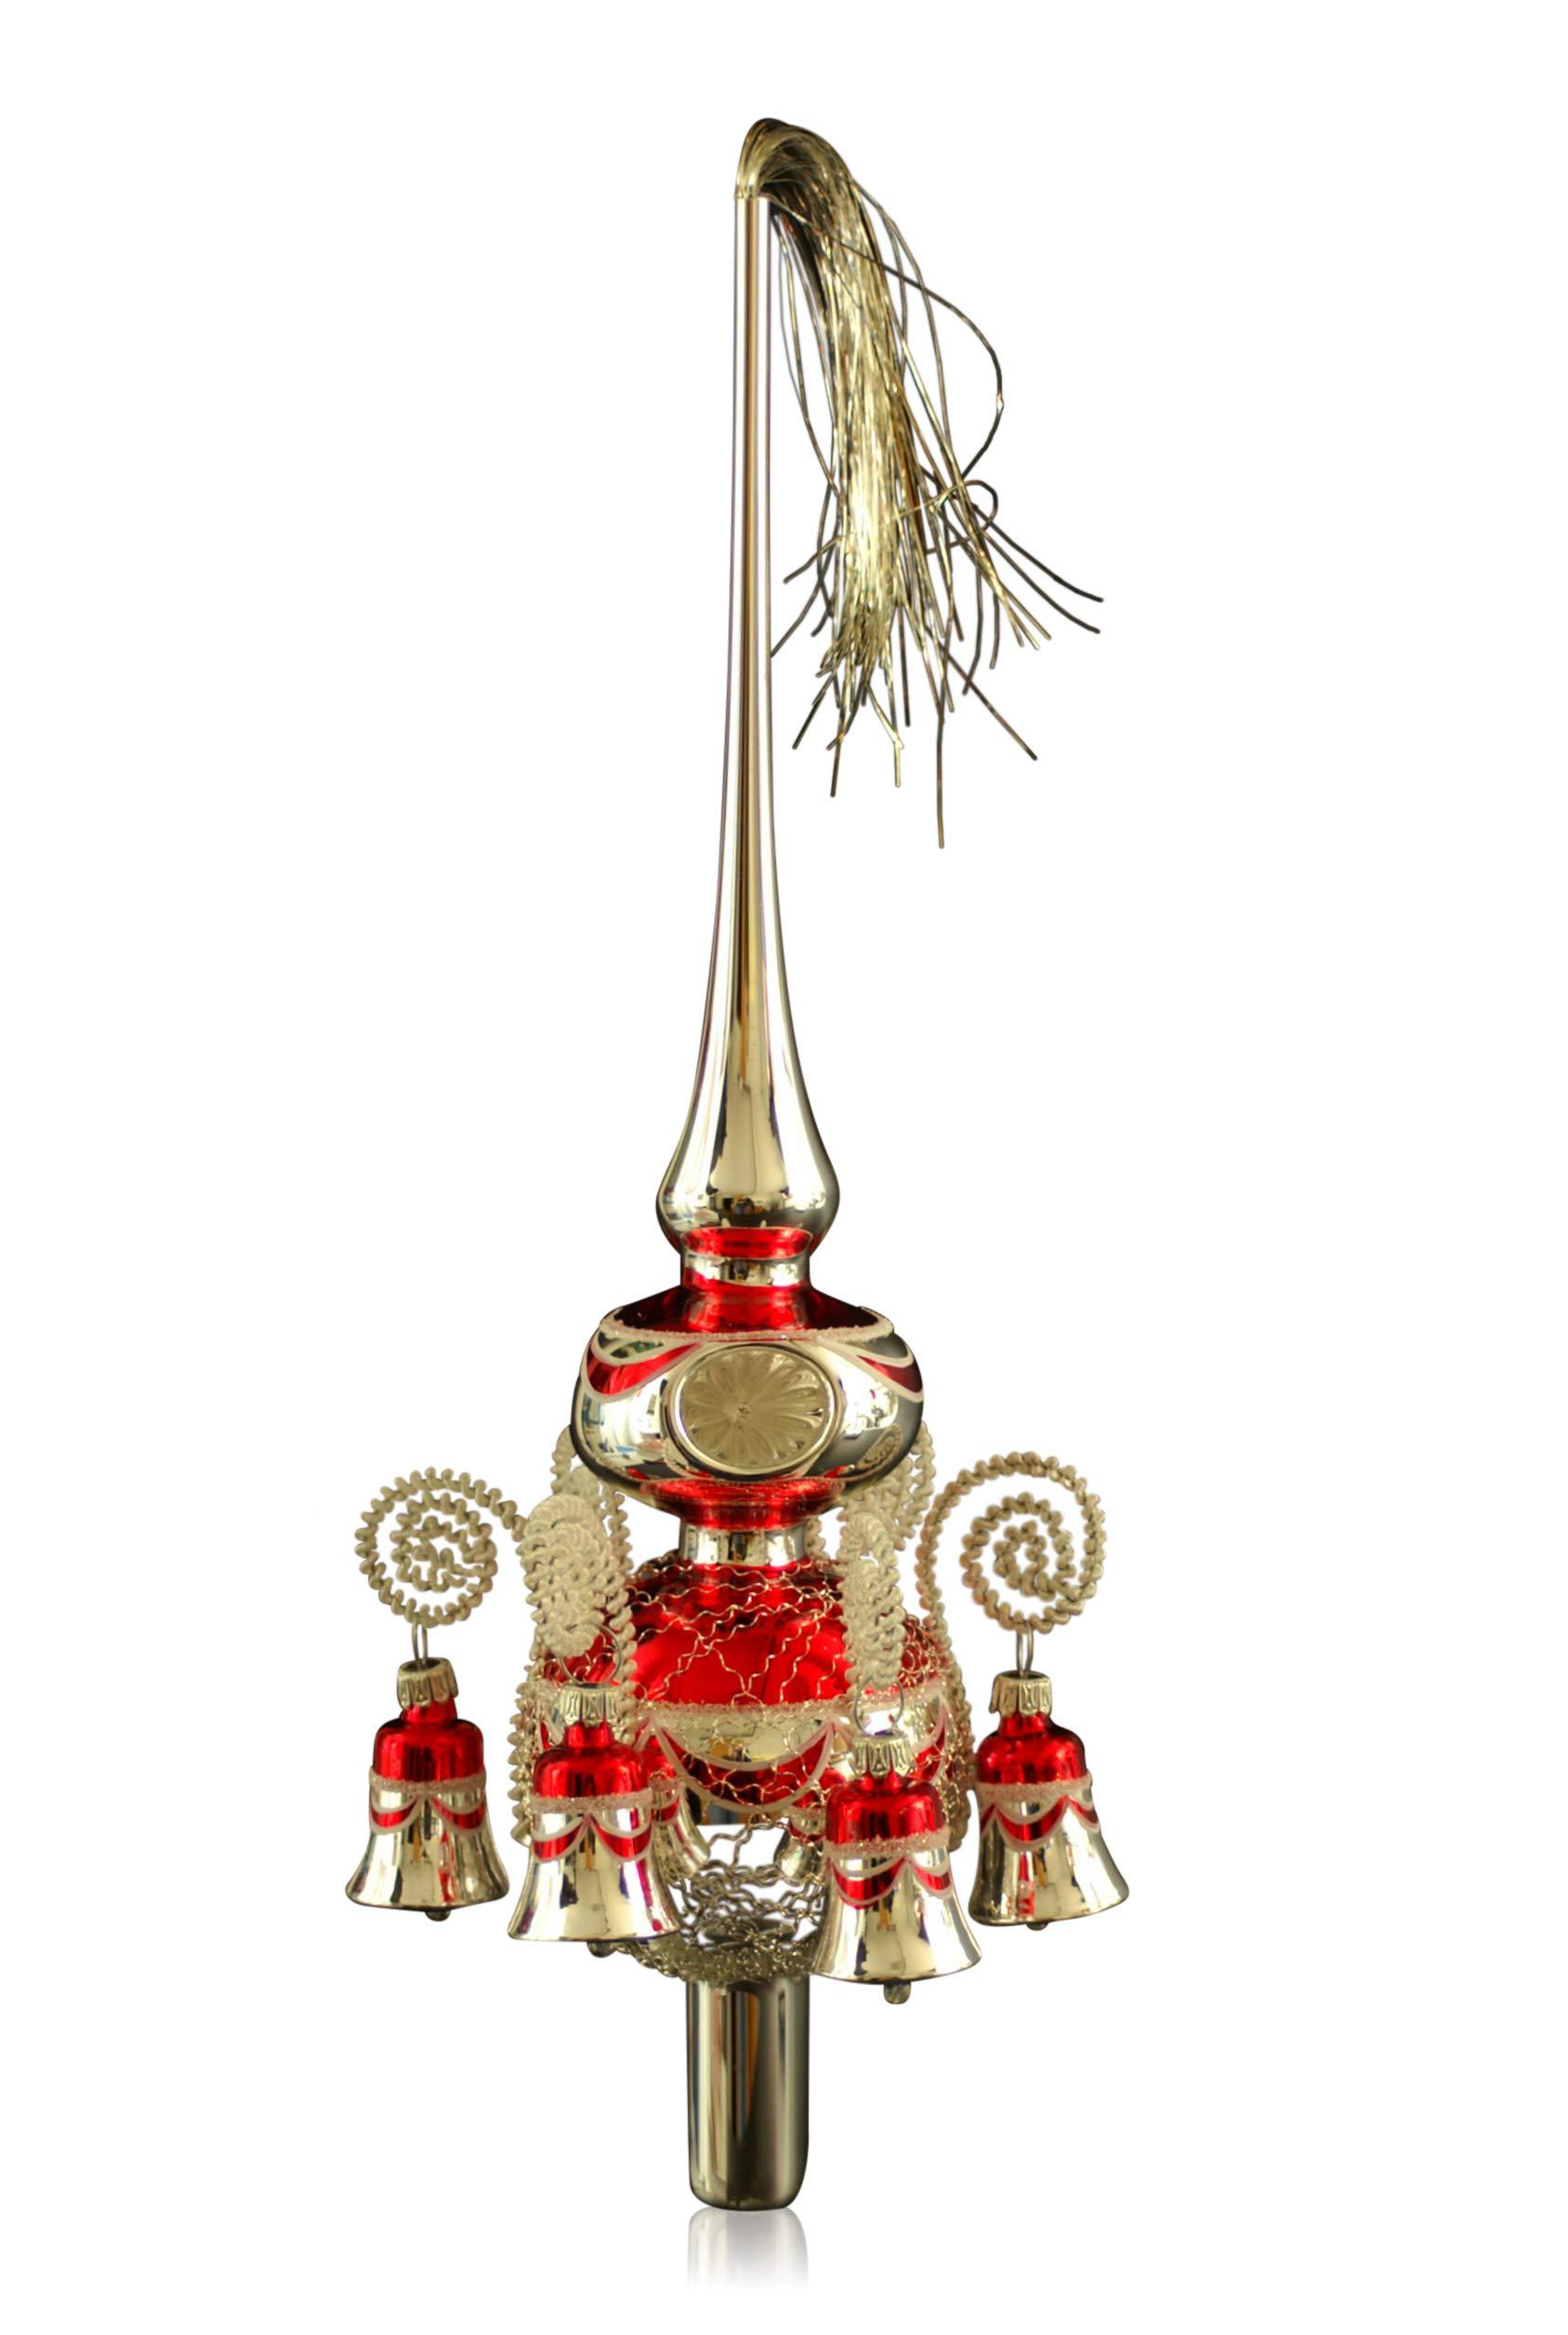 Doppelspitze-mit-Glckchen-silber-rot-umsponnen-L-ca-33cm-dKugeln-68cm-Christbaumschmuck-Weihnachtsbaumschmuck-mundgeblasenhanddekoriertLeonischer-Draht-Lauschaer-Glas-das-Original